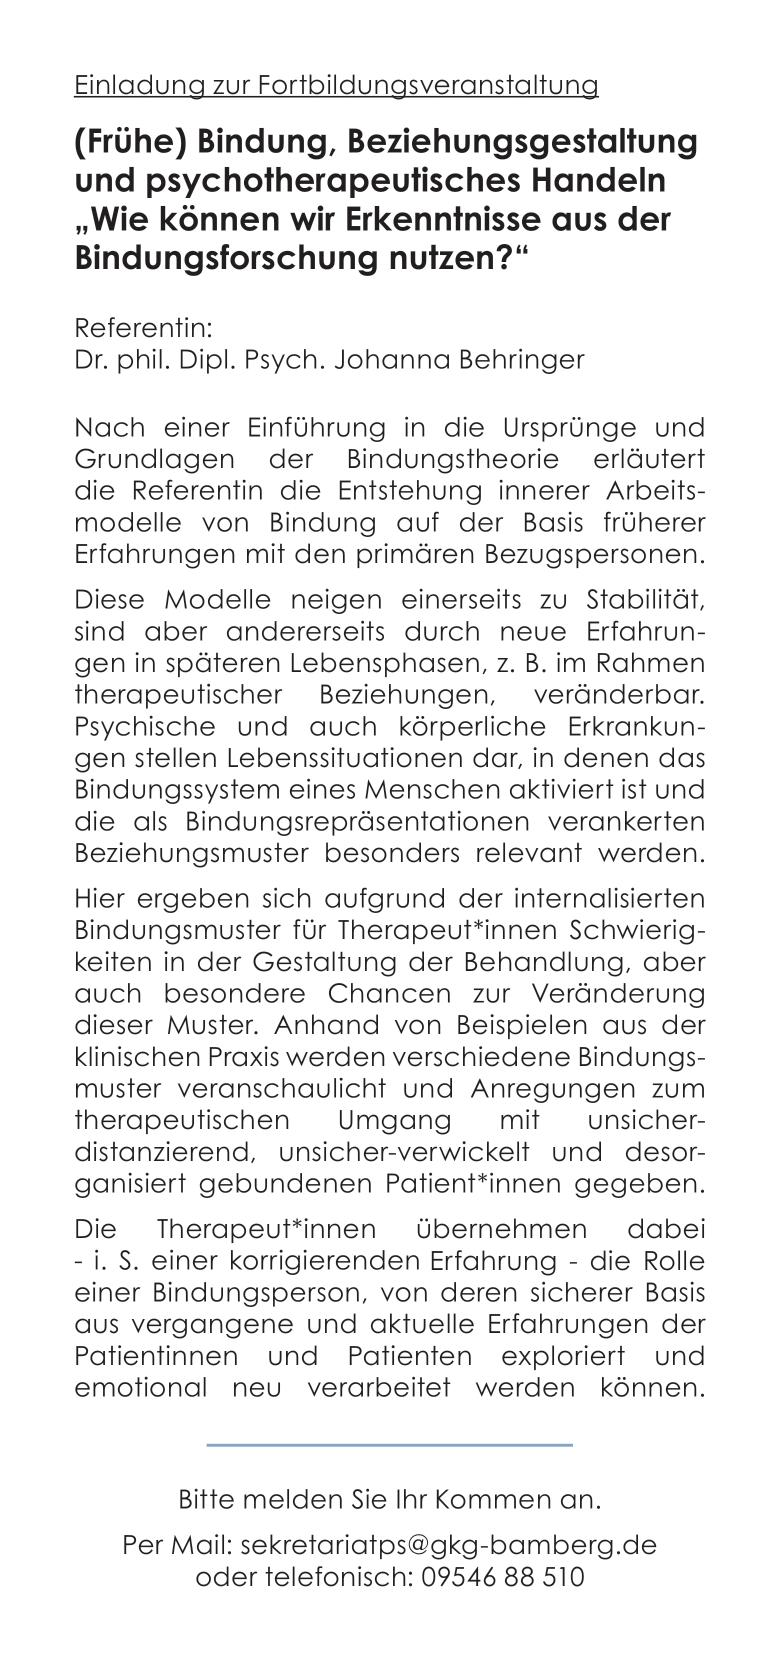 20201124 Fortbildungsveranstaltung Steigerwaldklinik 2